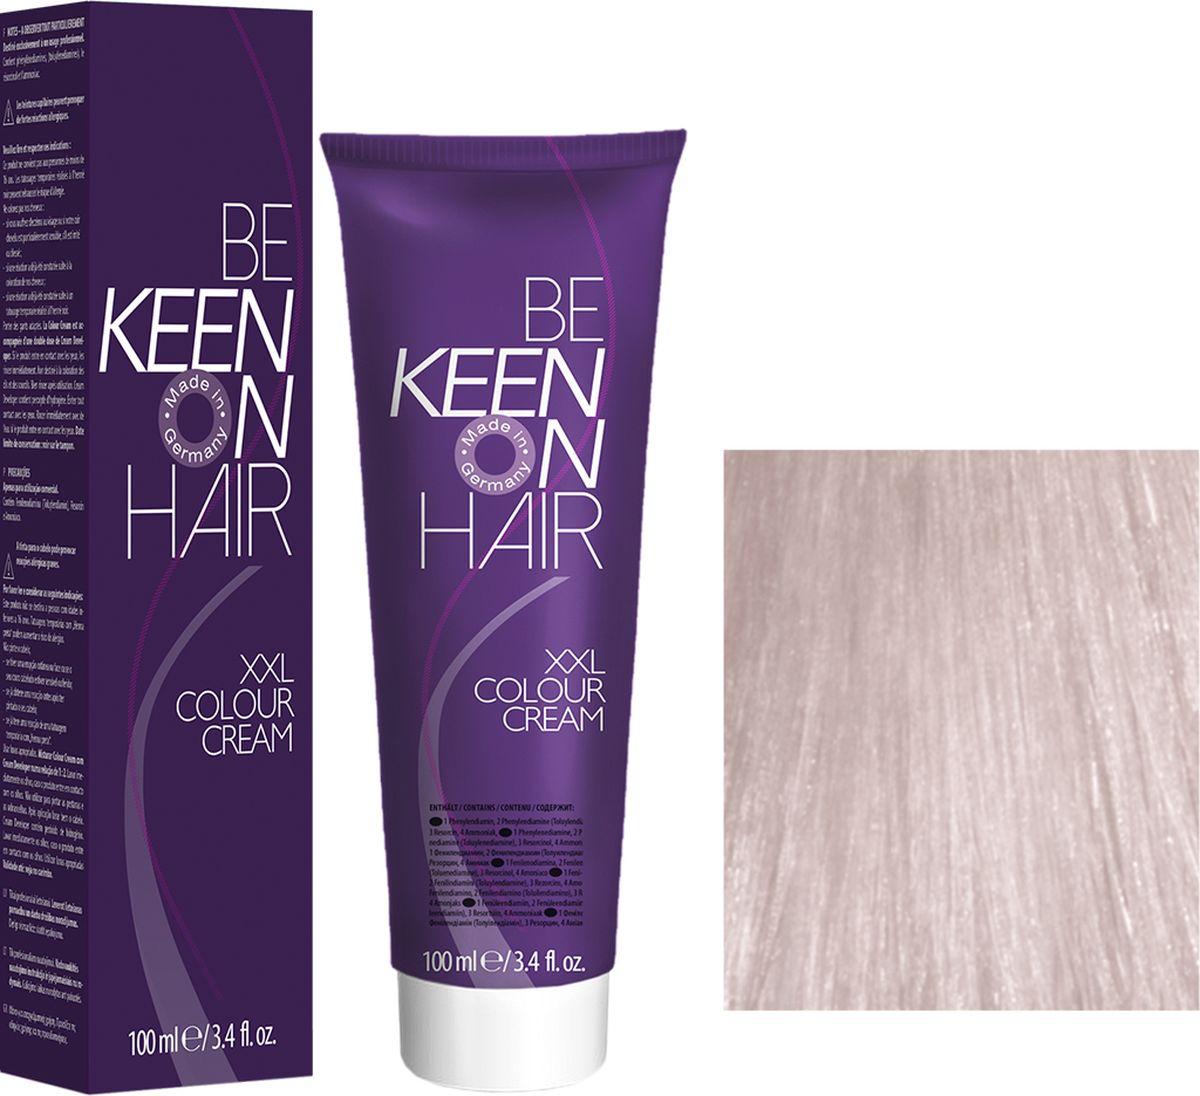 Keen Краска для волос 12.80 Платиново-жемчужный блондин Platinblond Perl, 100 мл69100111Модные оттенкиБолее 100 оттенков для креативной комбинации цветов.ЭкономичностьПри использовании тюбика 100 мл вы получаете оптимальное соотношение цены и качества!УходМолочный белок поддерживает структуру волоса во время окрашивания и придает волосам блеск и шелковистость. Протеины хорошо встраиваются в волосы и снабжают их влагой.